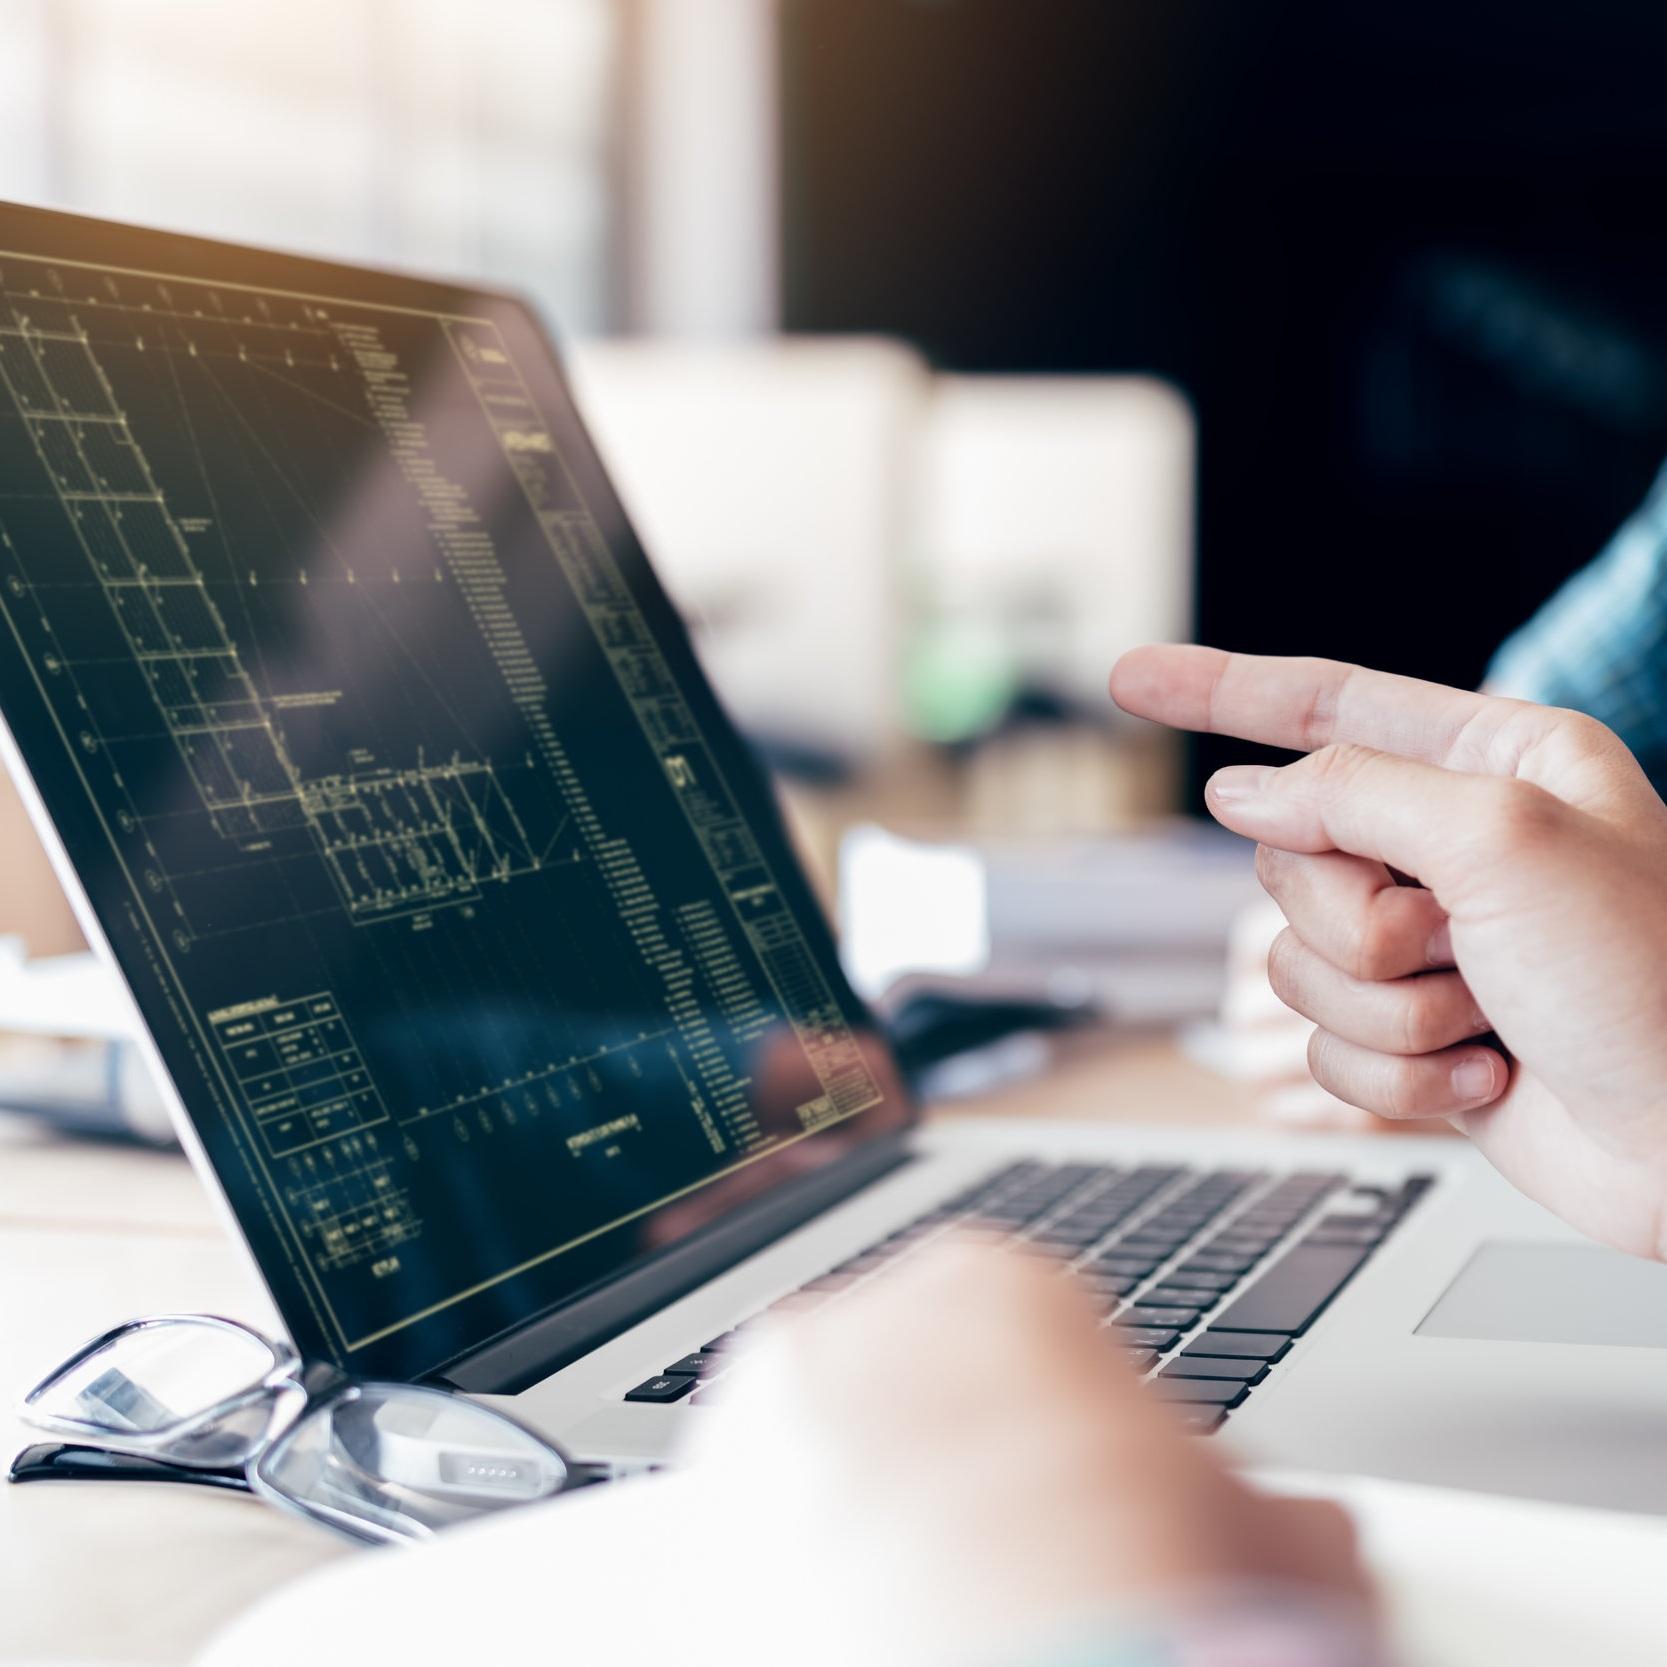 バイオテク情報を収集するアルゴリズム - 様々な情報テクノロジーを駆使して、海外のバイオテクの情報を収集しています。・ライフサイエンス領域の海外ベンチャーキャピタルの投資先企業 (450+ VCs)・創薬、医薬関連の国際学会のスポンサー企業、出展企業 (200+ Conferences)・創薬、バイオ系の海外Webニュースに取り上げられた企業 (1,500+ Articles/Day)